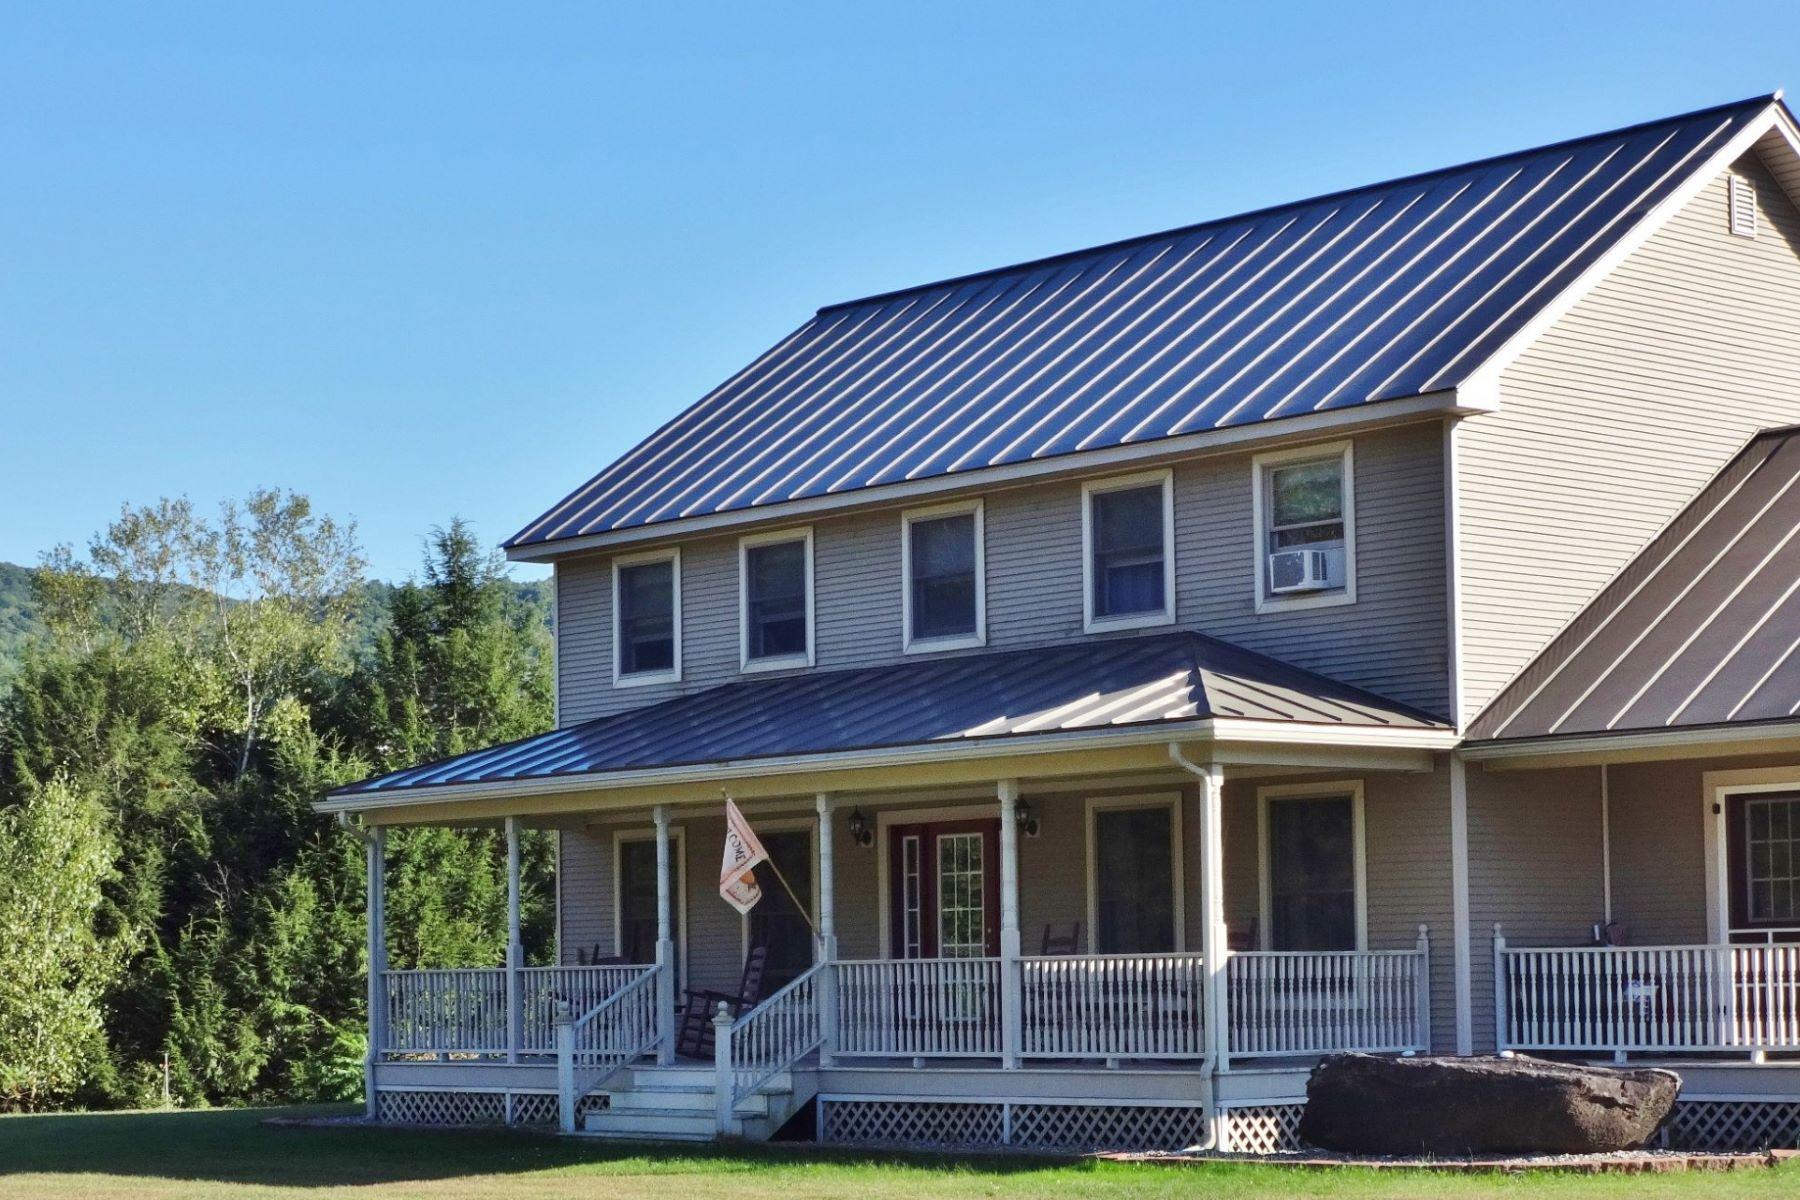 多戶家庭房屋 為 出售 在 Includes 2-unit rental/guest house 33 Russell Tunbridge, 佛蒙特州, 05077 美國